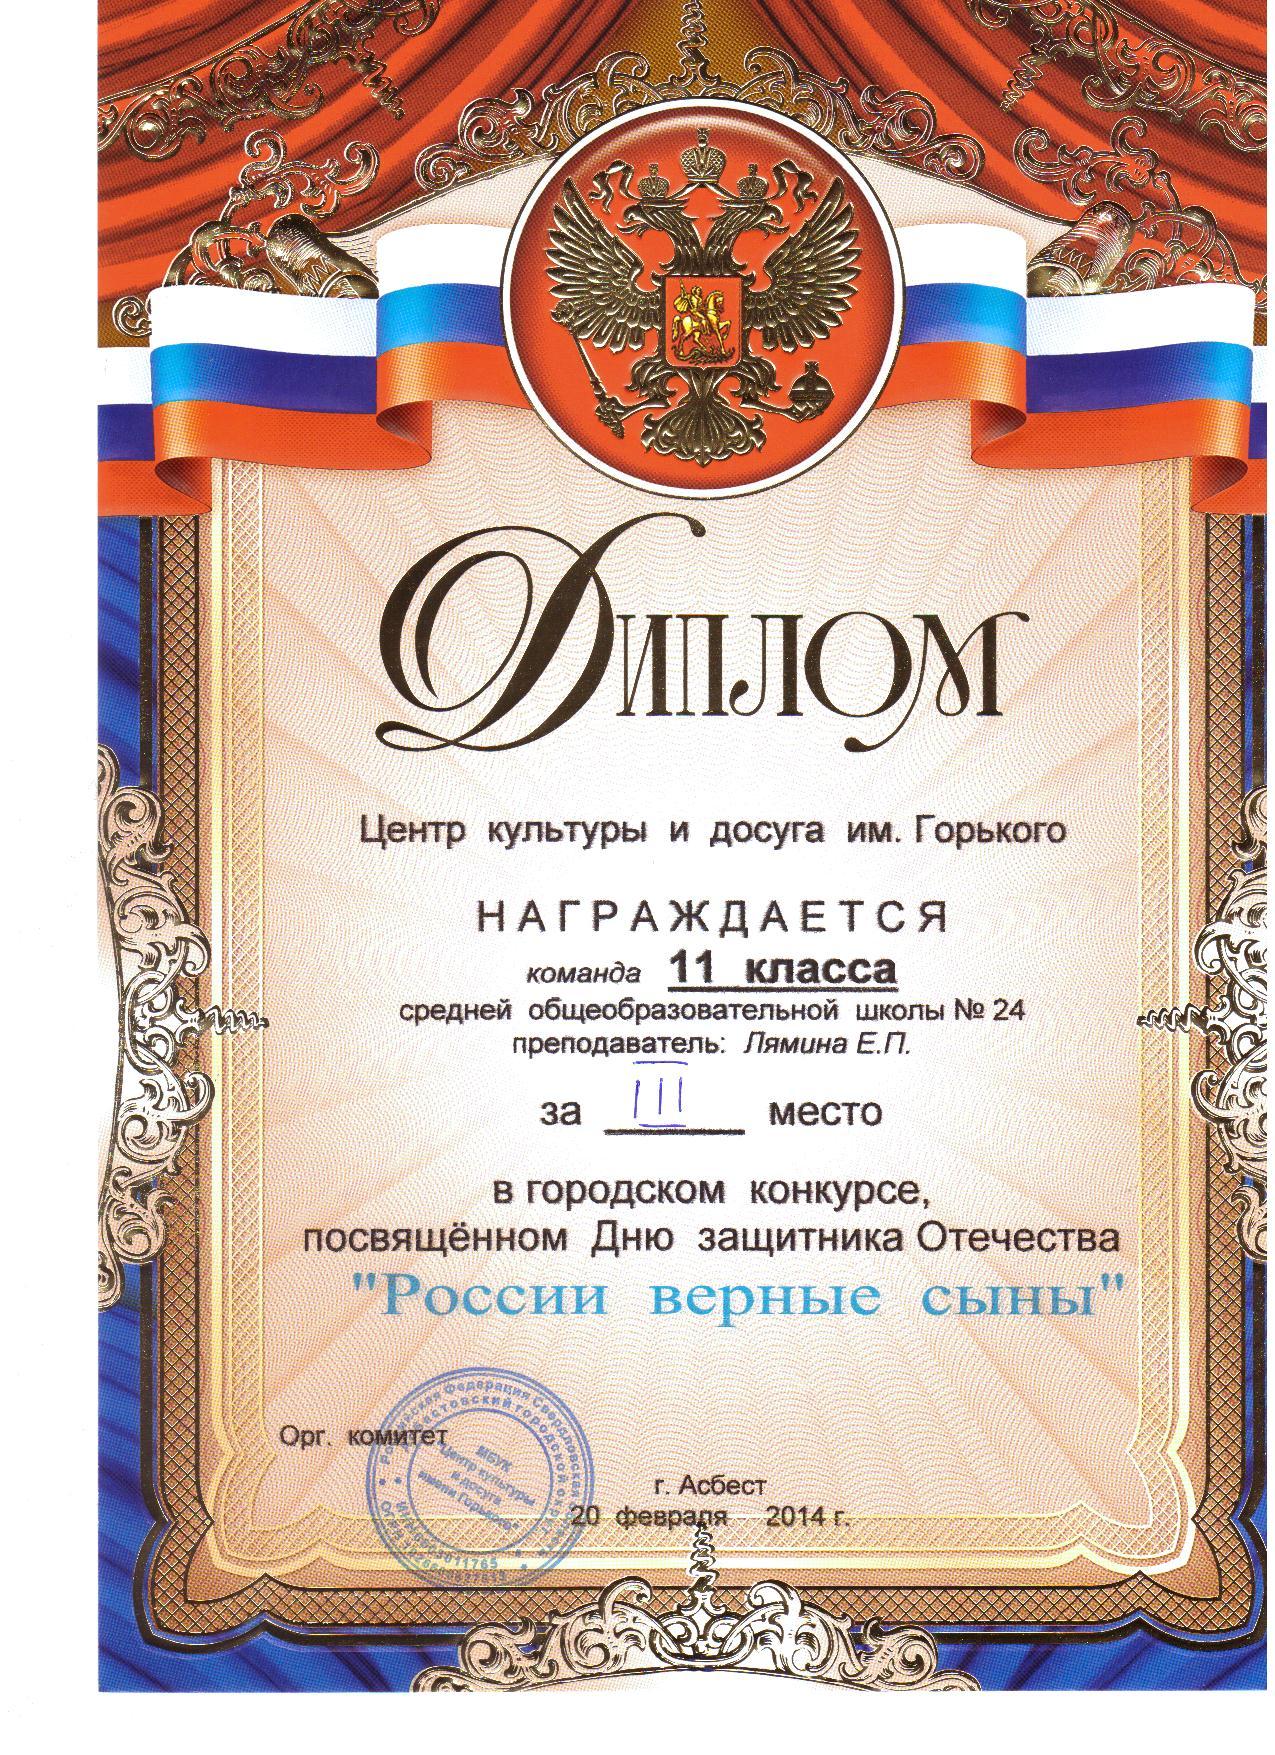 Конкурс посвященный россии